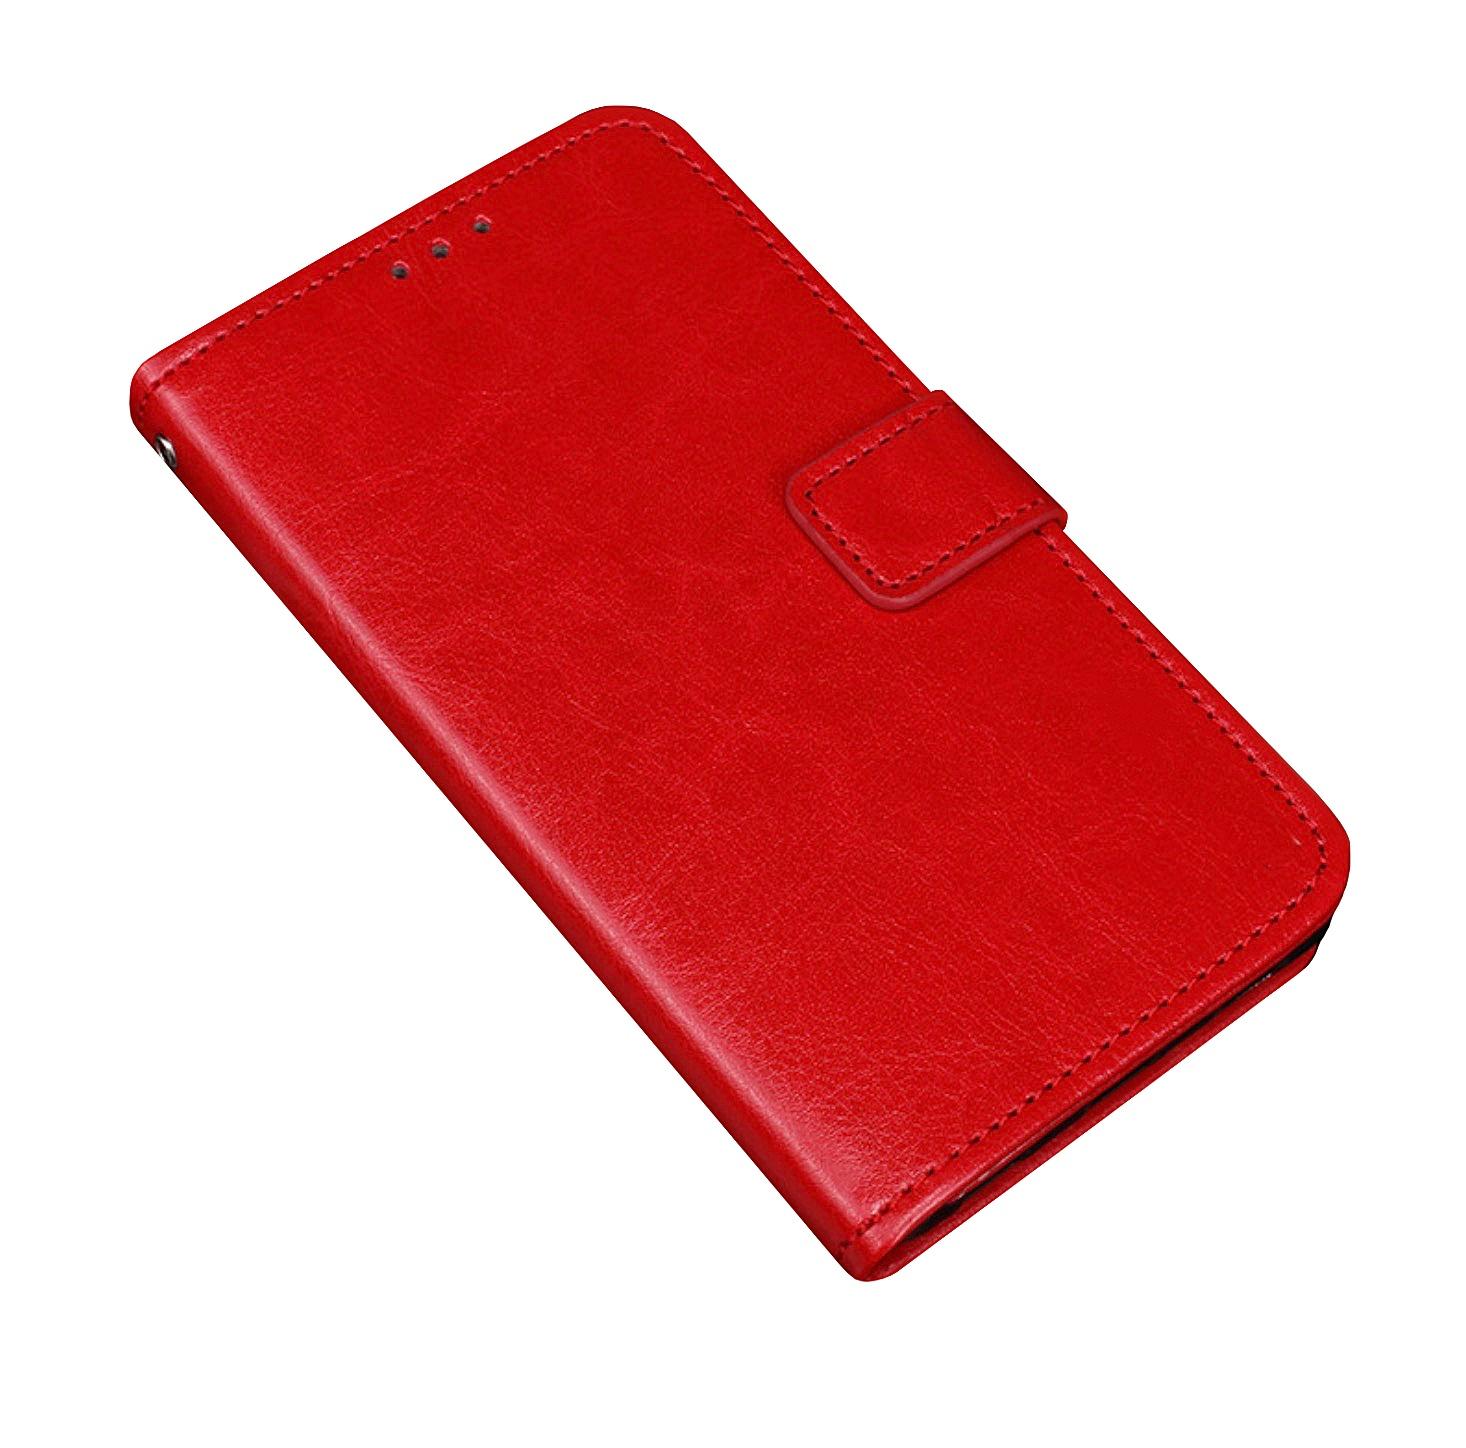 Фирменный чехол-книжка из качественной импортной кожи с мульти-подставкой застёжкой и визитницей для Alcatel SHINE LITE 5080X 5.0 красный MyPads